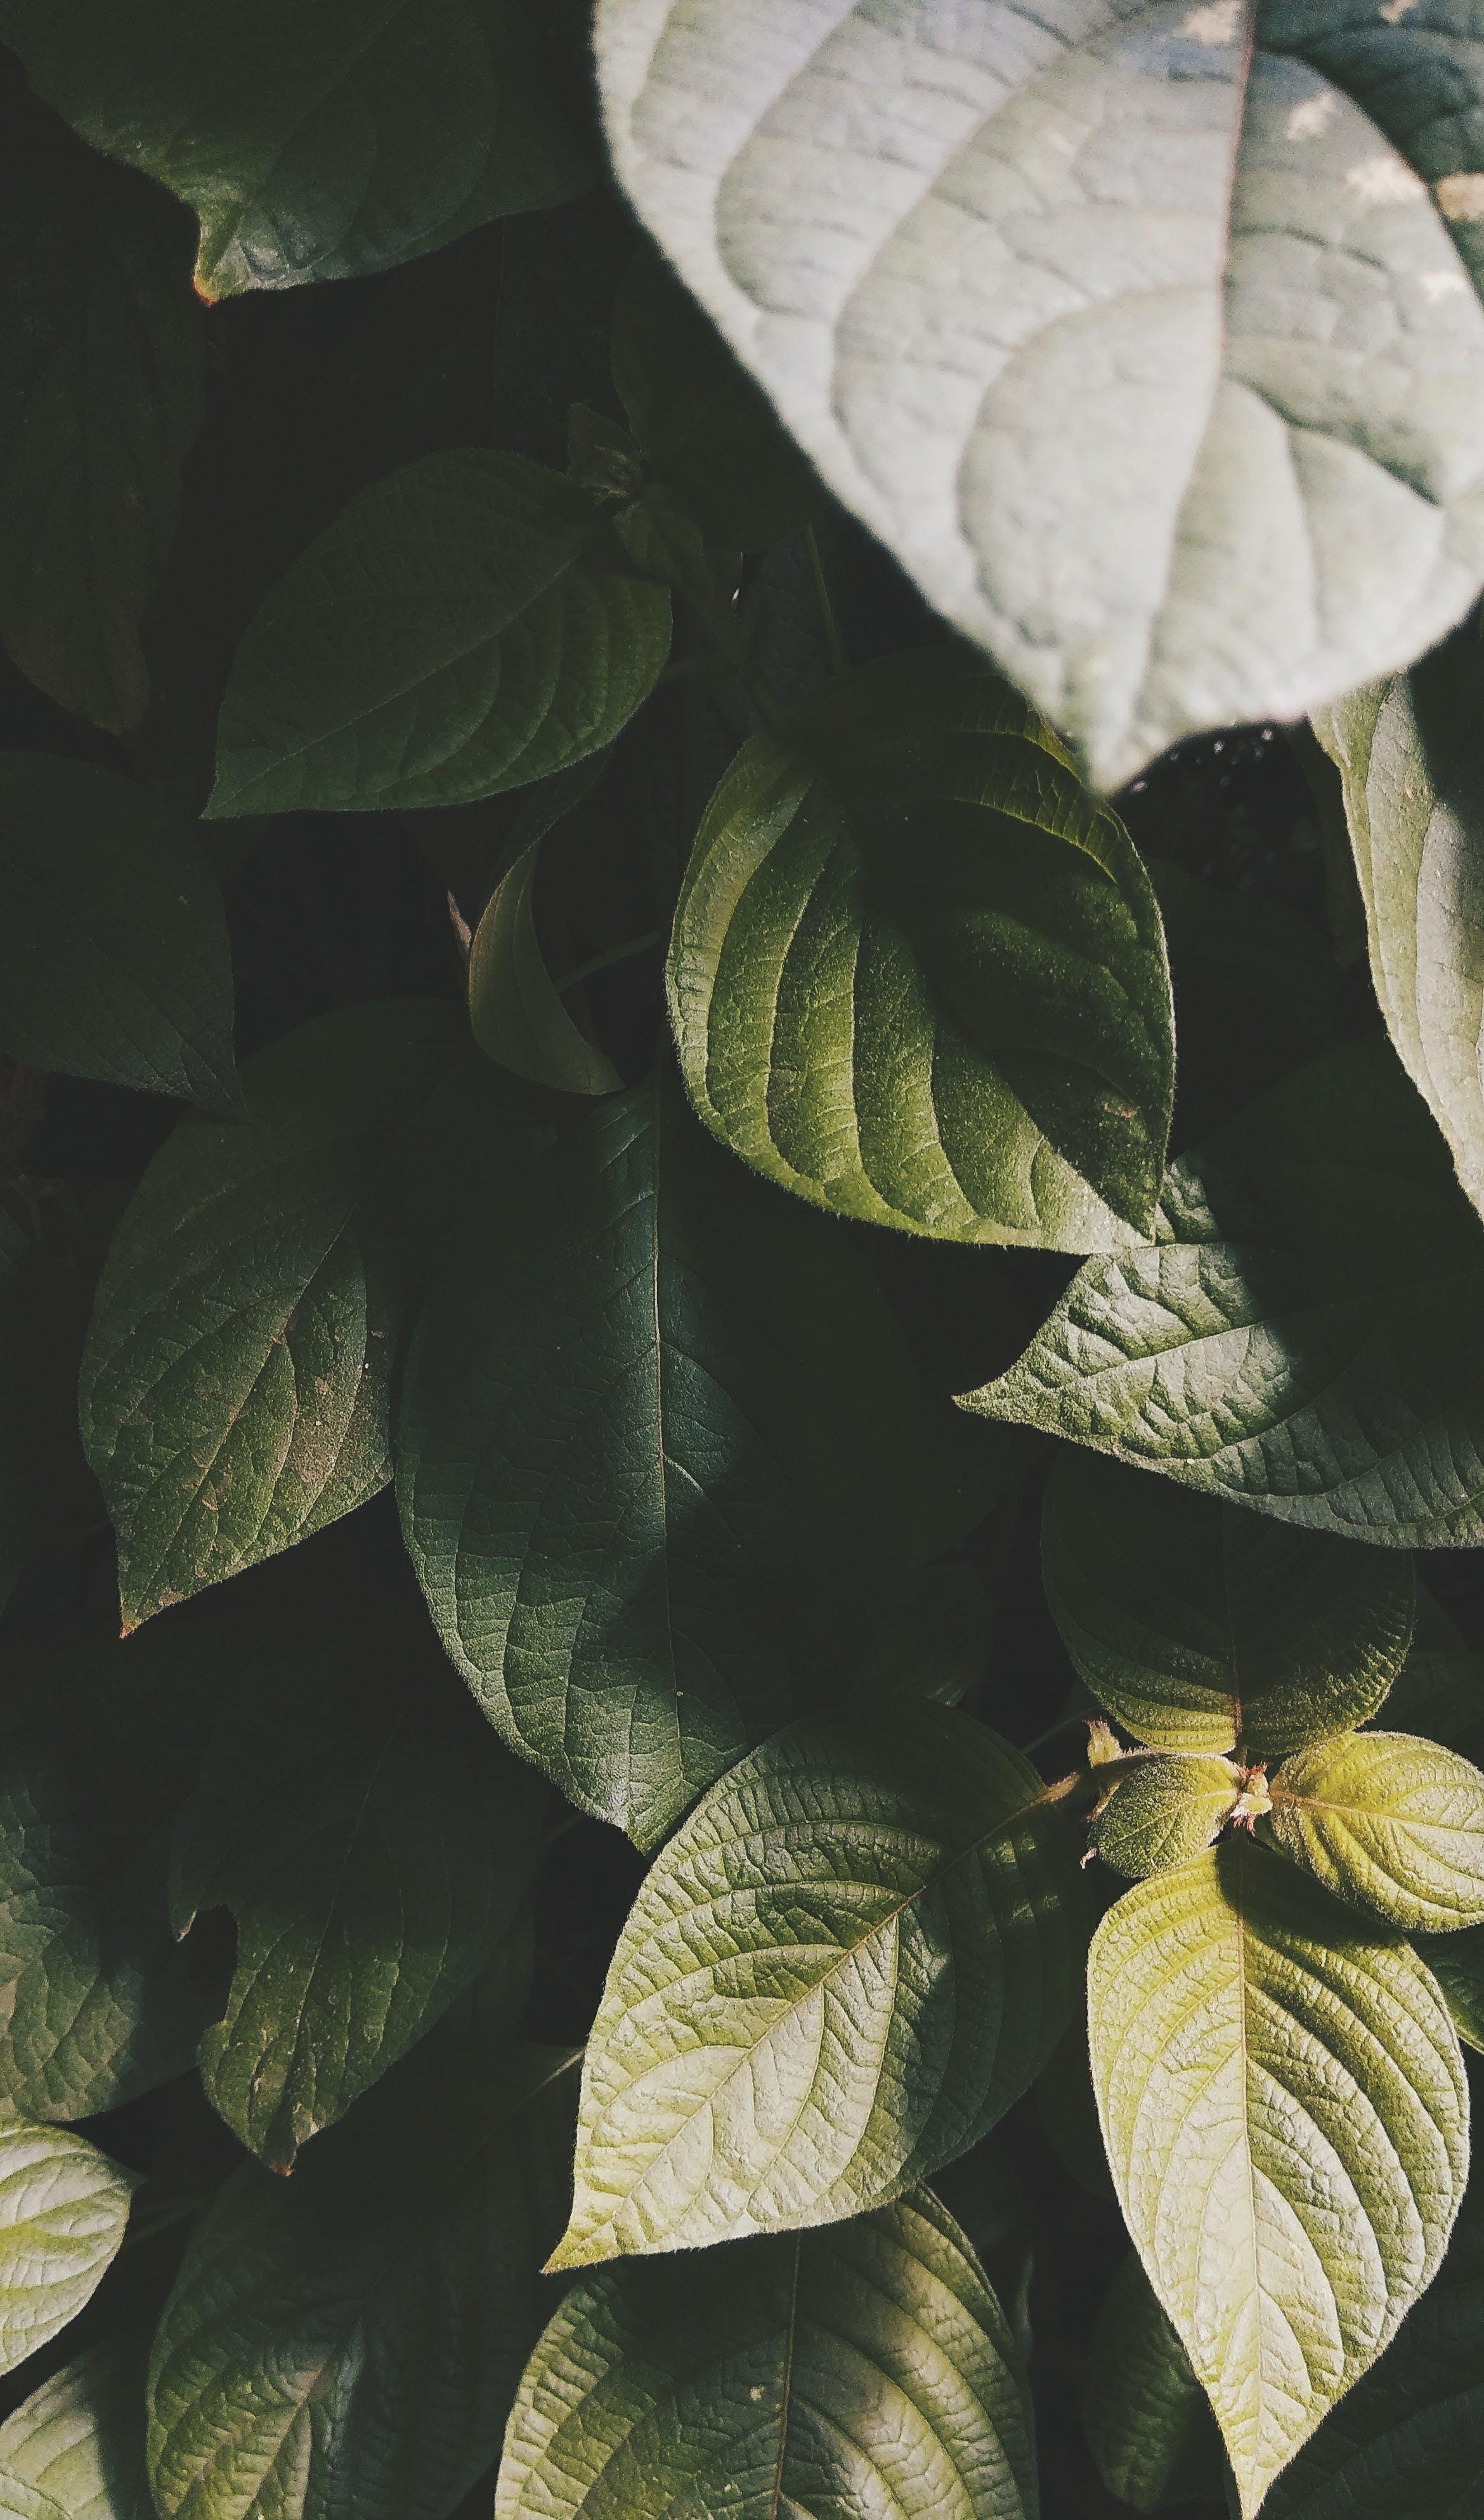 Kostenloses Stock Foto zu grün, mobilechallenge, natur, pflanze